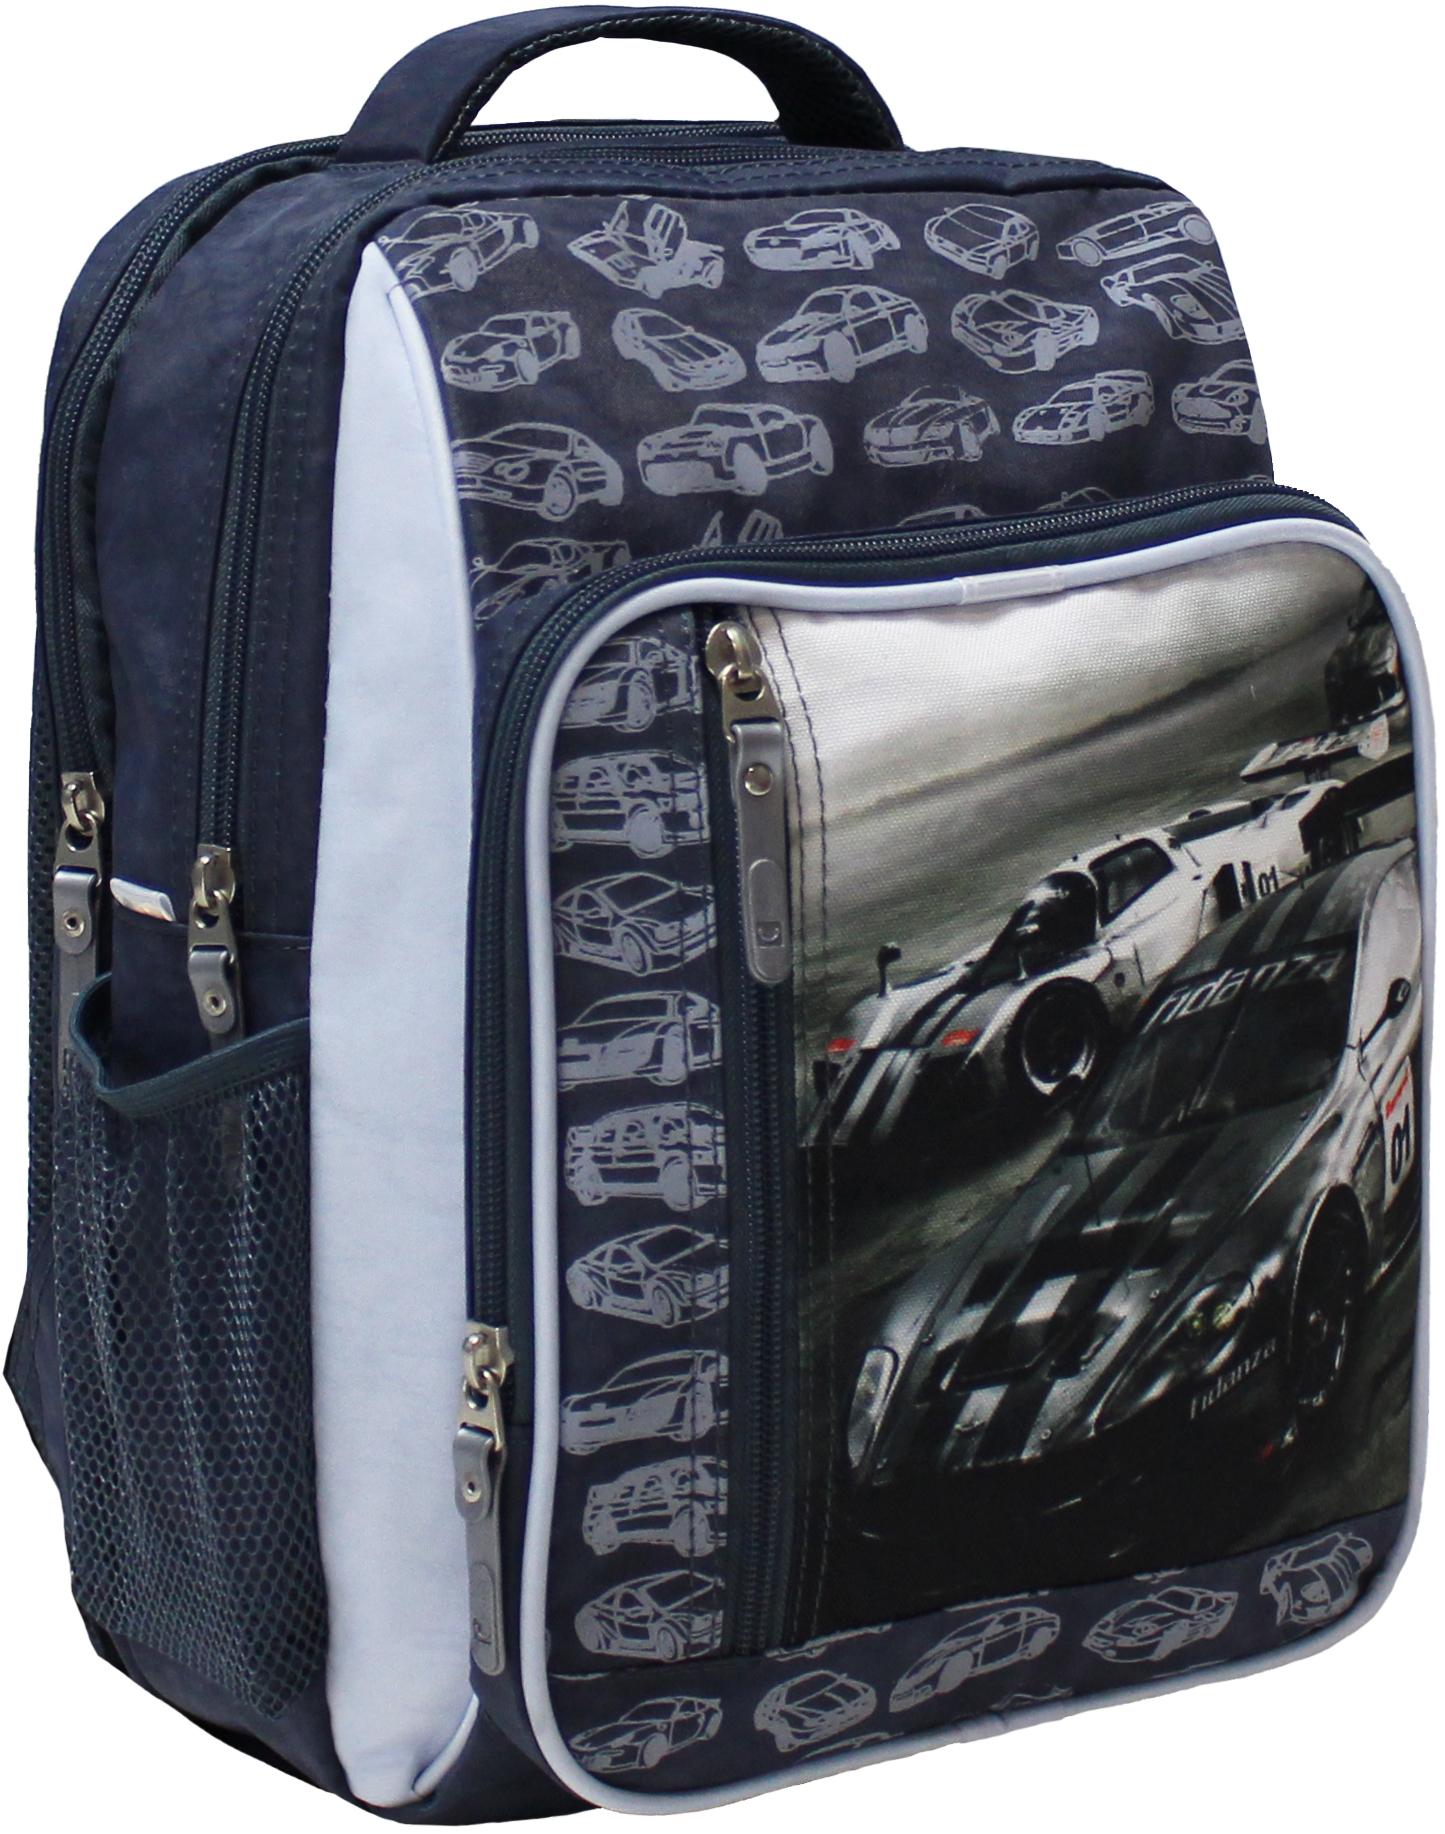 Школьные рюкзаки Рюкзак школьный Bagland Школьник 8 л. 321 сірий 75 м (00112702) IMG_5166.JPG